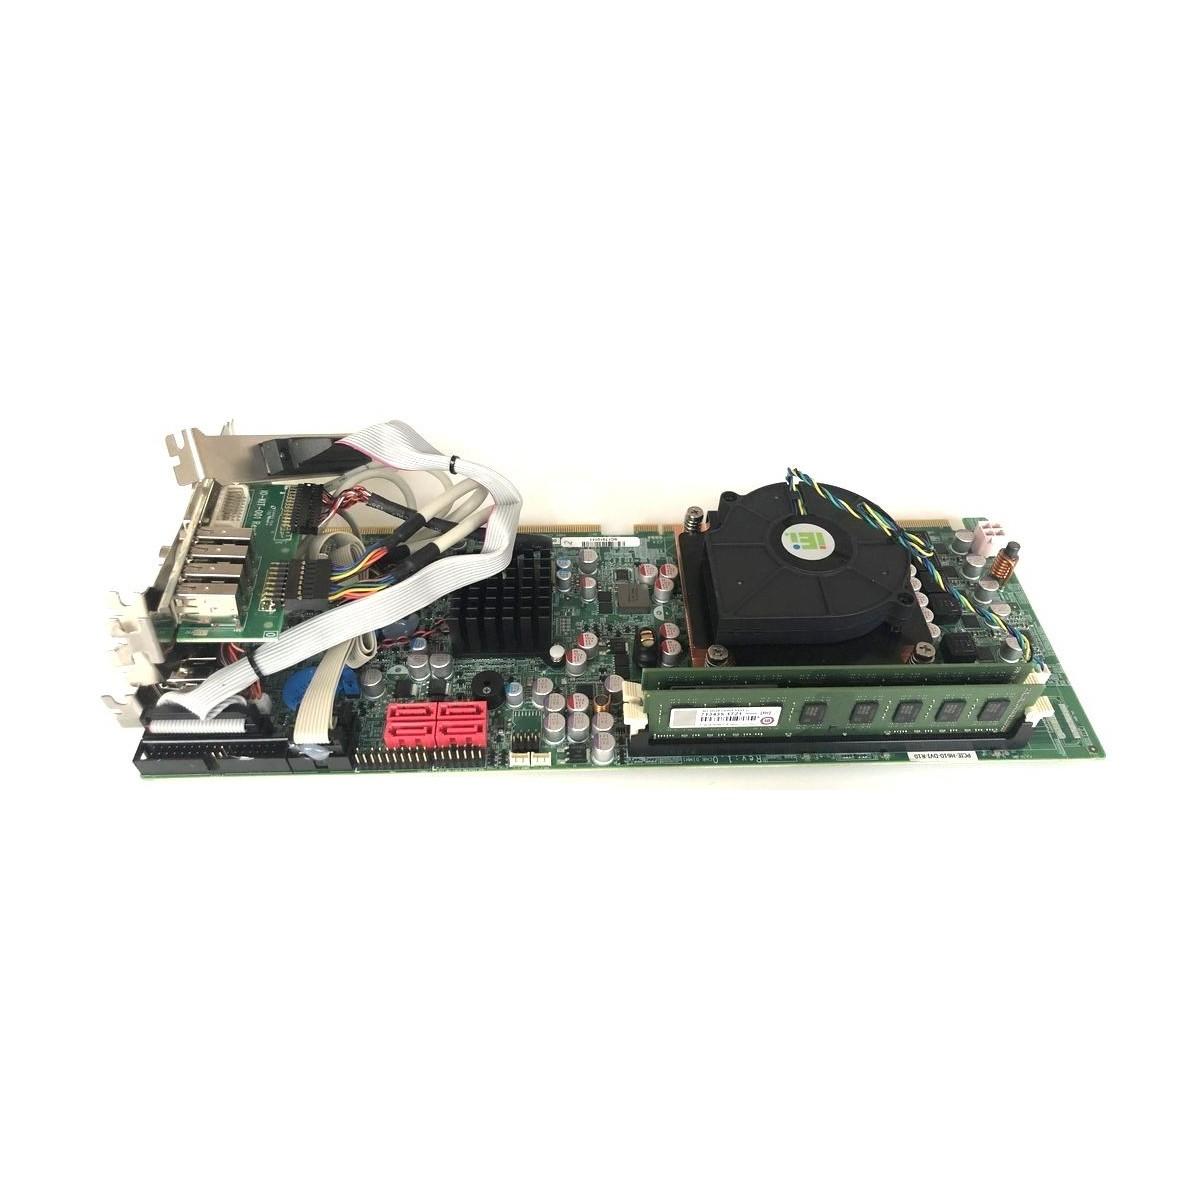 MONITOR FUJITSU B24W-7 LED IPS 24'' DP DVI VGA USB